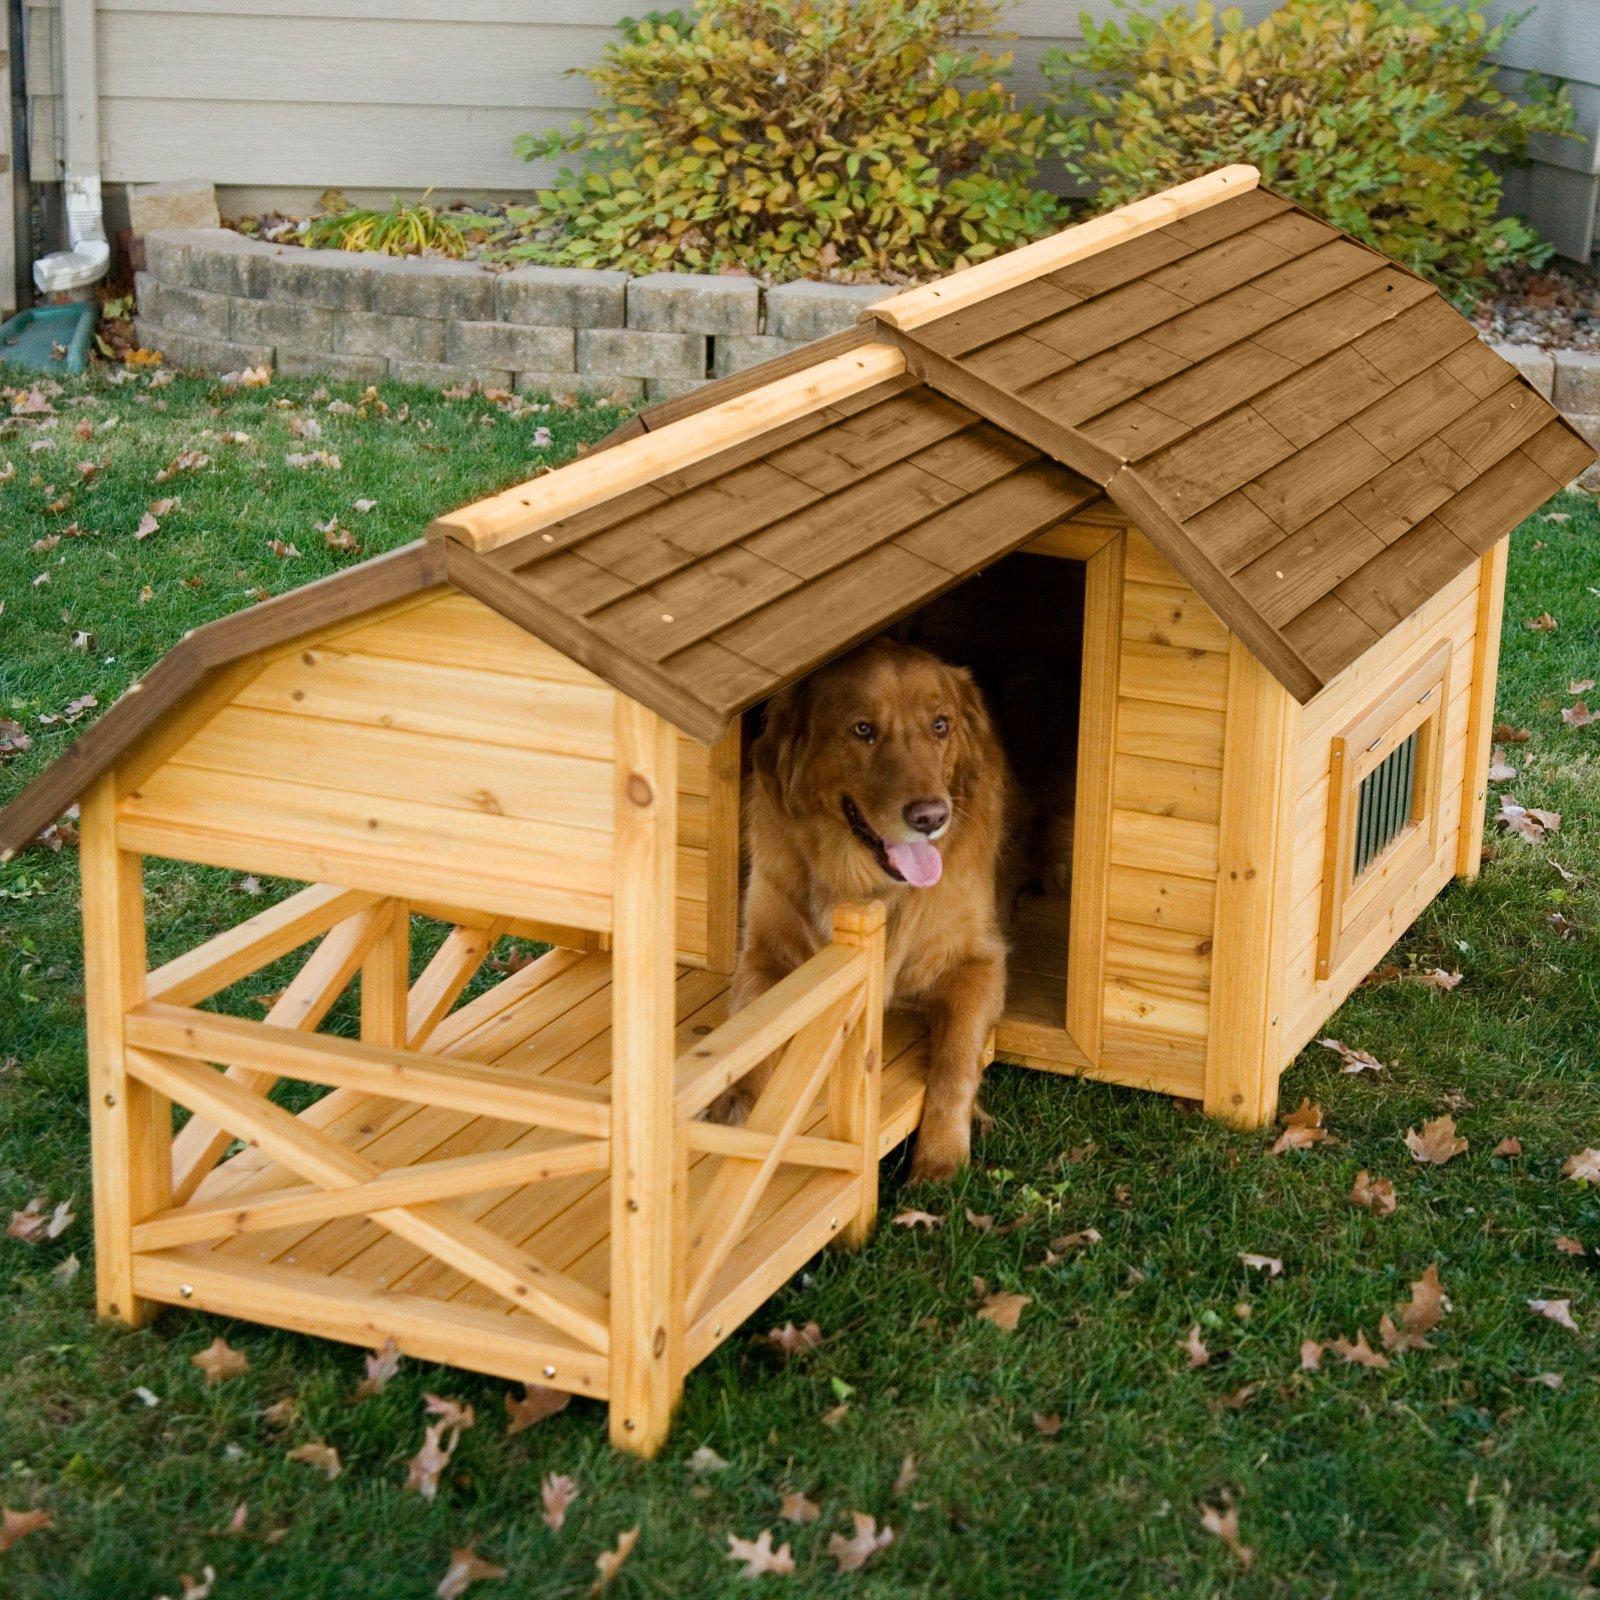 designer dog crate furniture ruffhaus luxury wooden designer dog crate furniture ruffhaus luxury wooden designer dog crate furniture ruffhaus luxury wooden